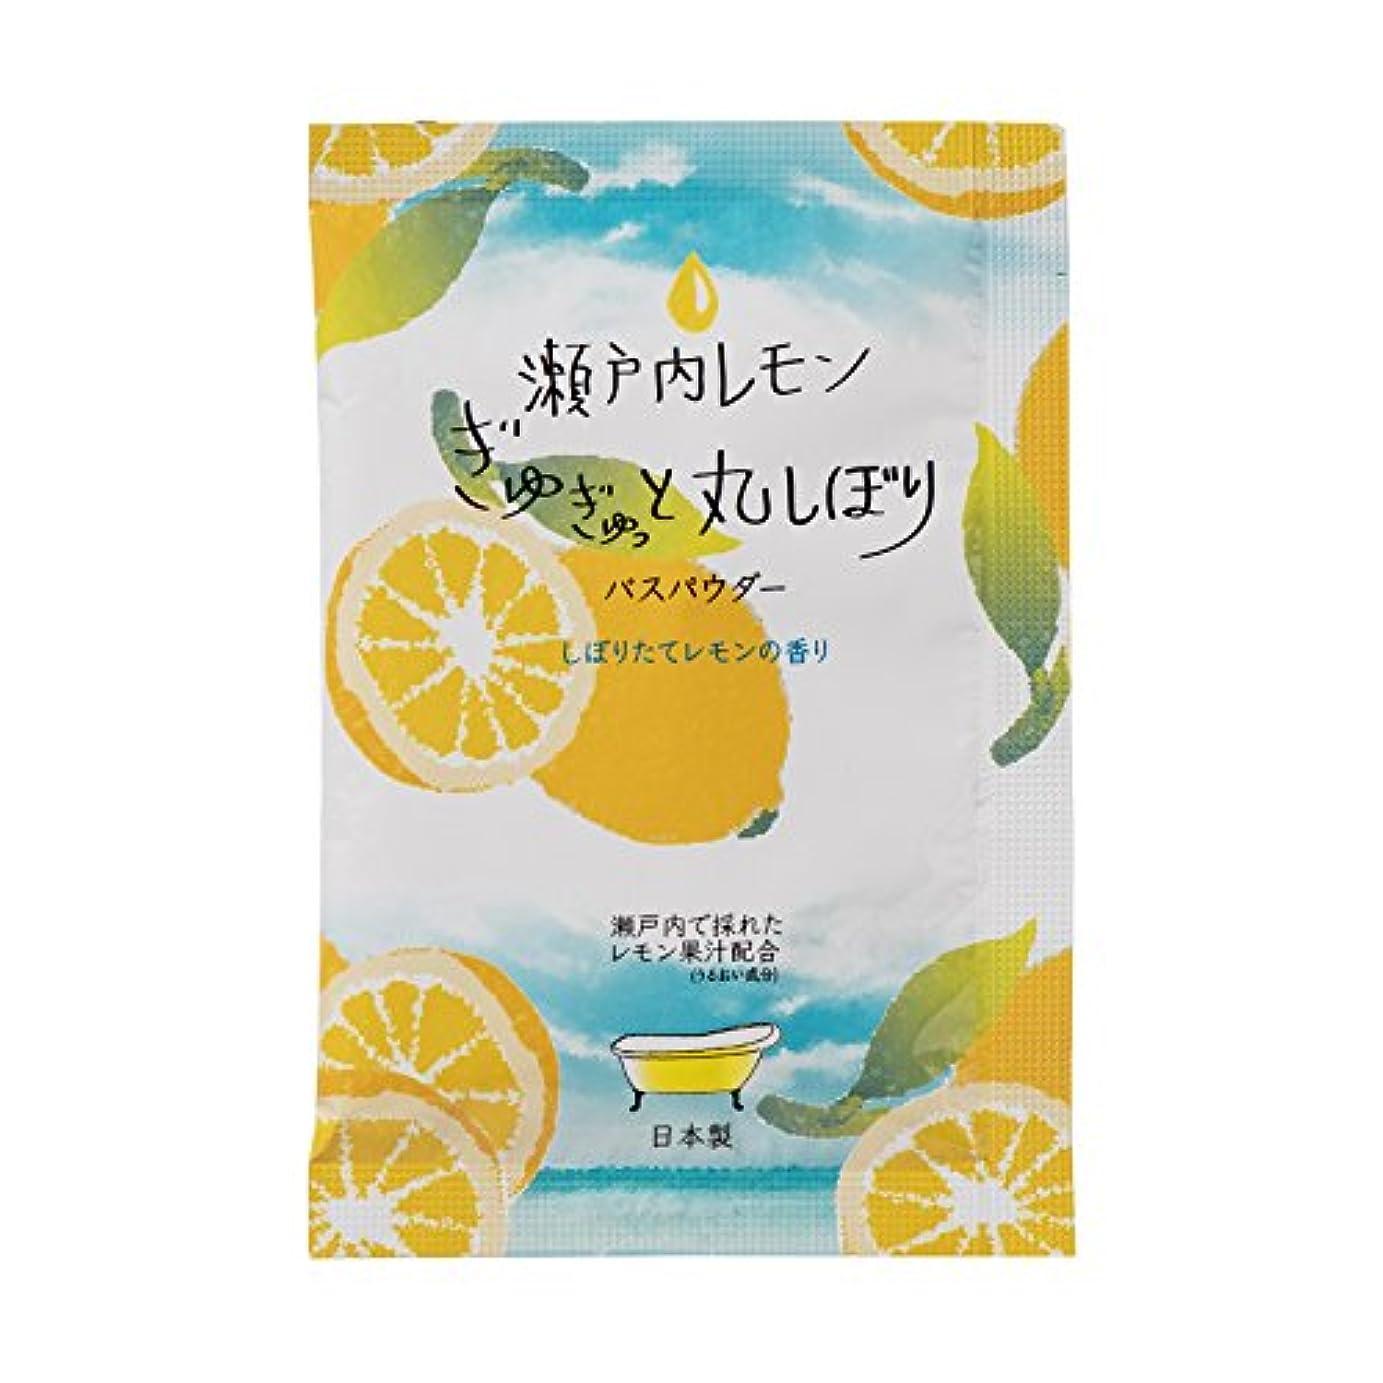 ズームインするスリップガレージリッチバスパウダー(瀬戸内レモンの香り)× 40個